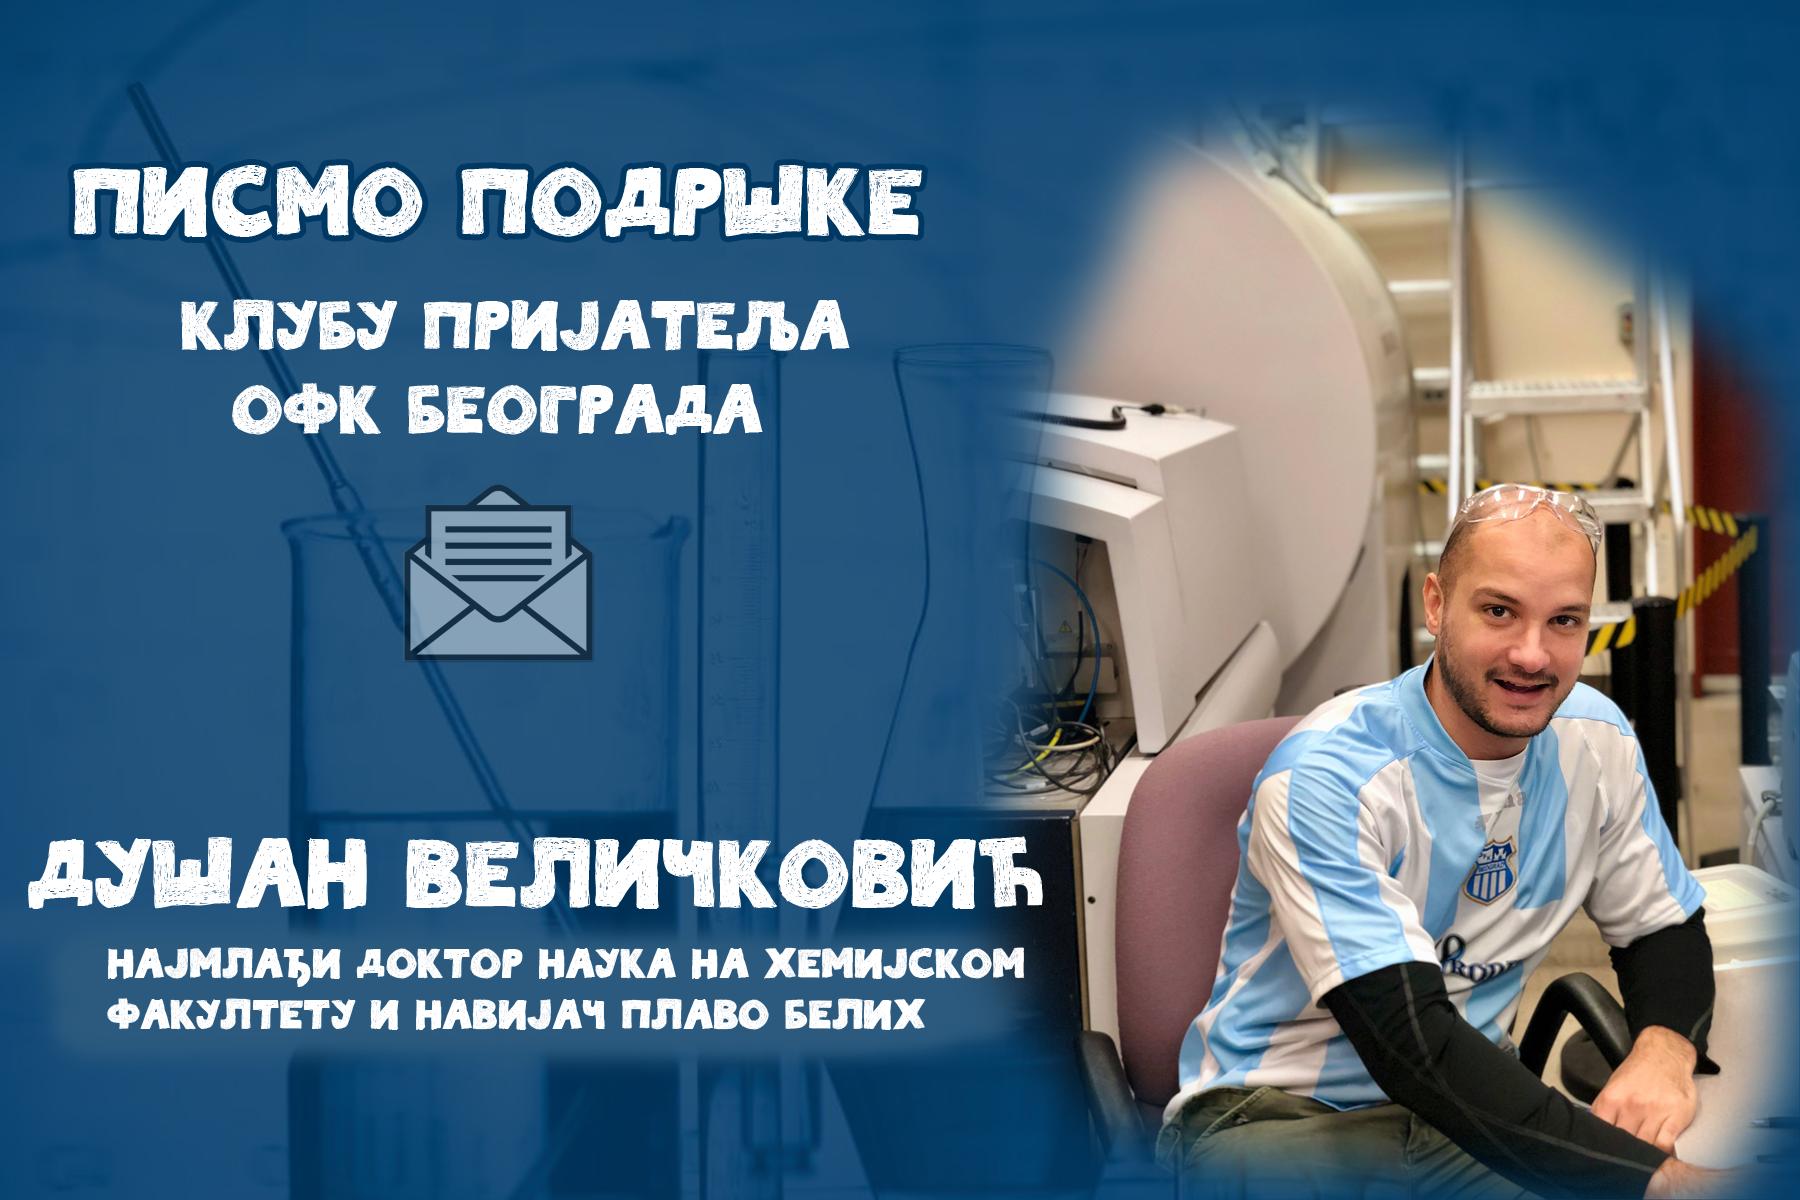 Писмо подршке Клубу пријатеља ОФК Београда, др Душан Величковић